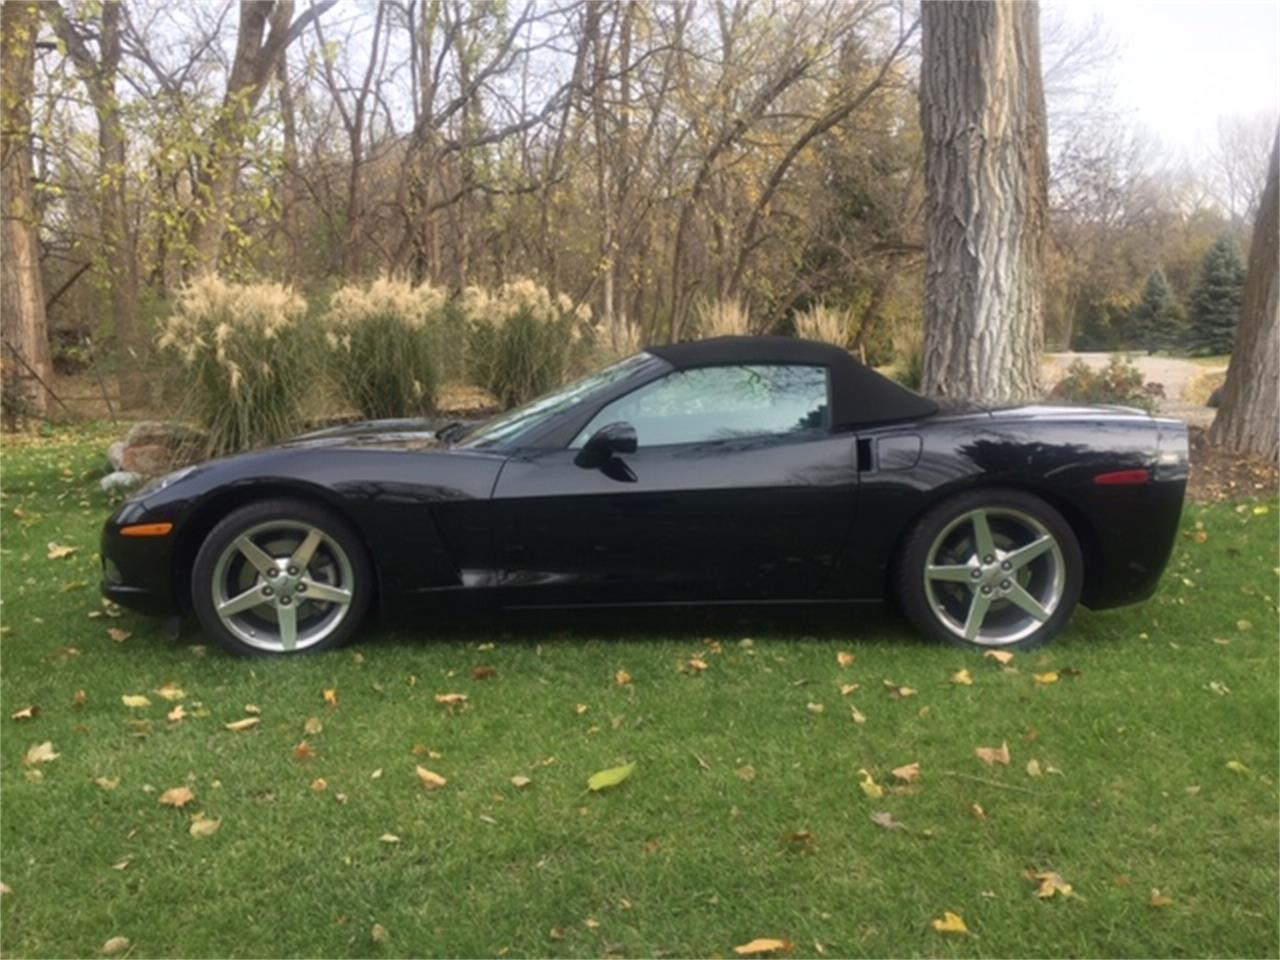 2005 Corvette For Sale >> 2005 Chevrolet Corvette For Sale Classiccars Com Cc 1069957